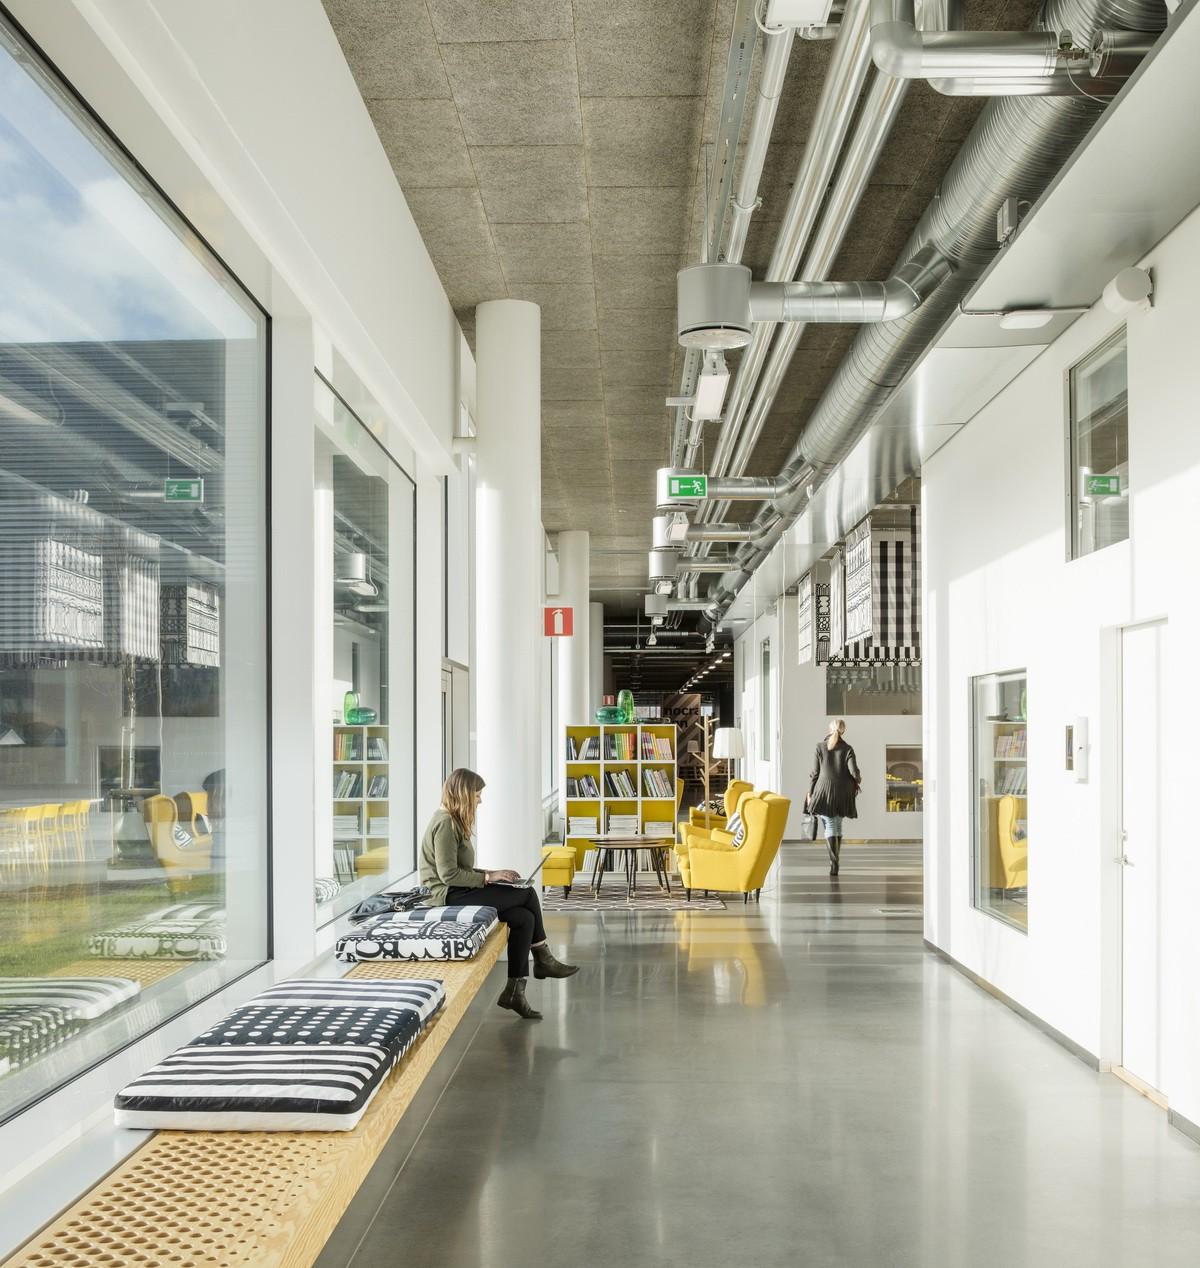 瑞典宜家 HUBHULT 总部办公楼建筑设计/ Dorte Mandrup A/S